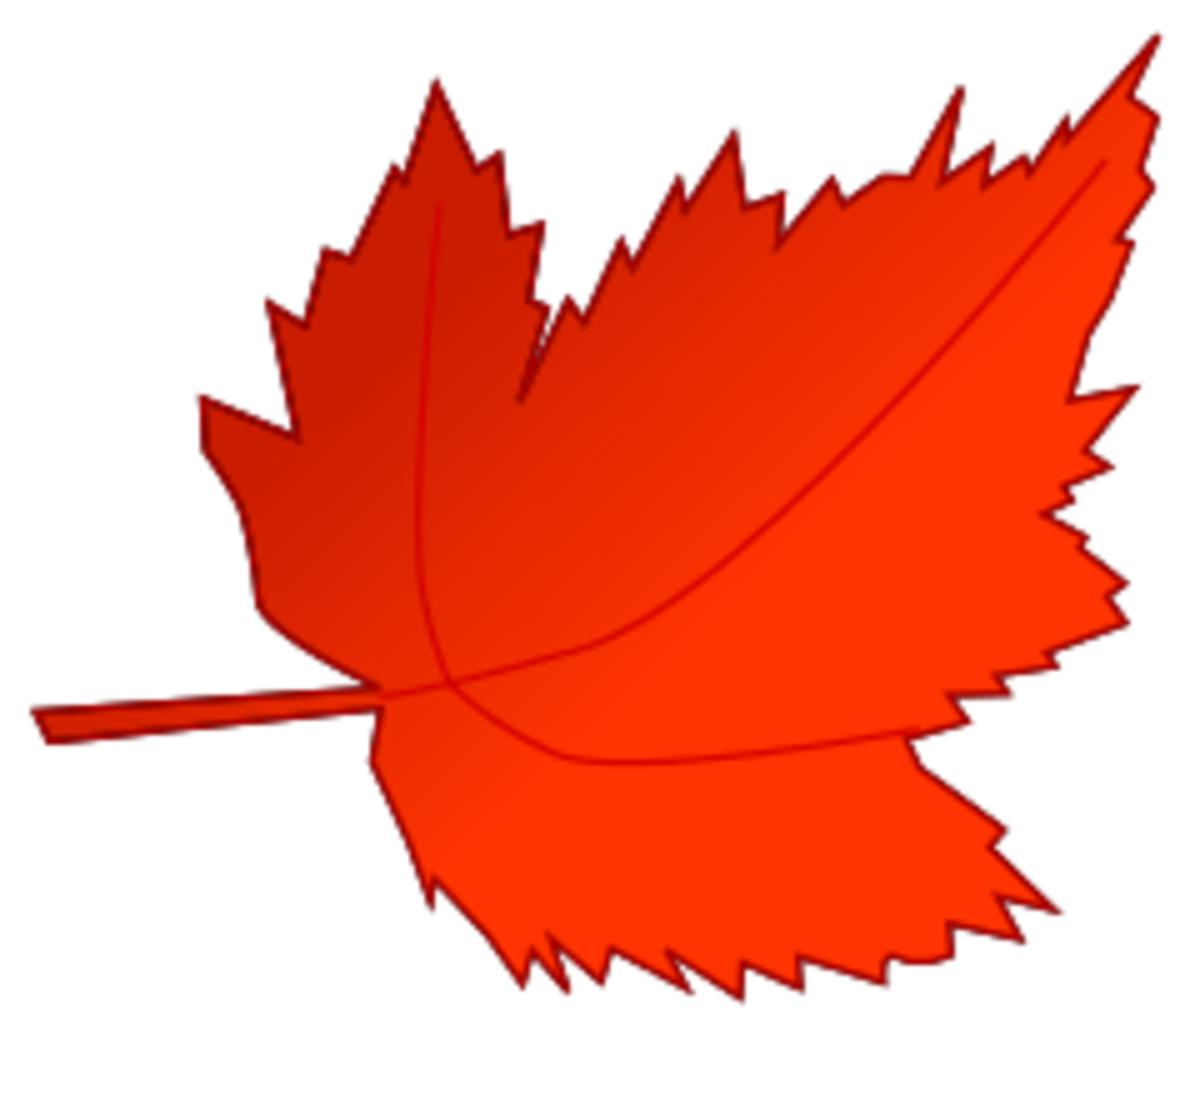 Red Leaf in Fall